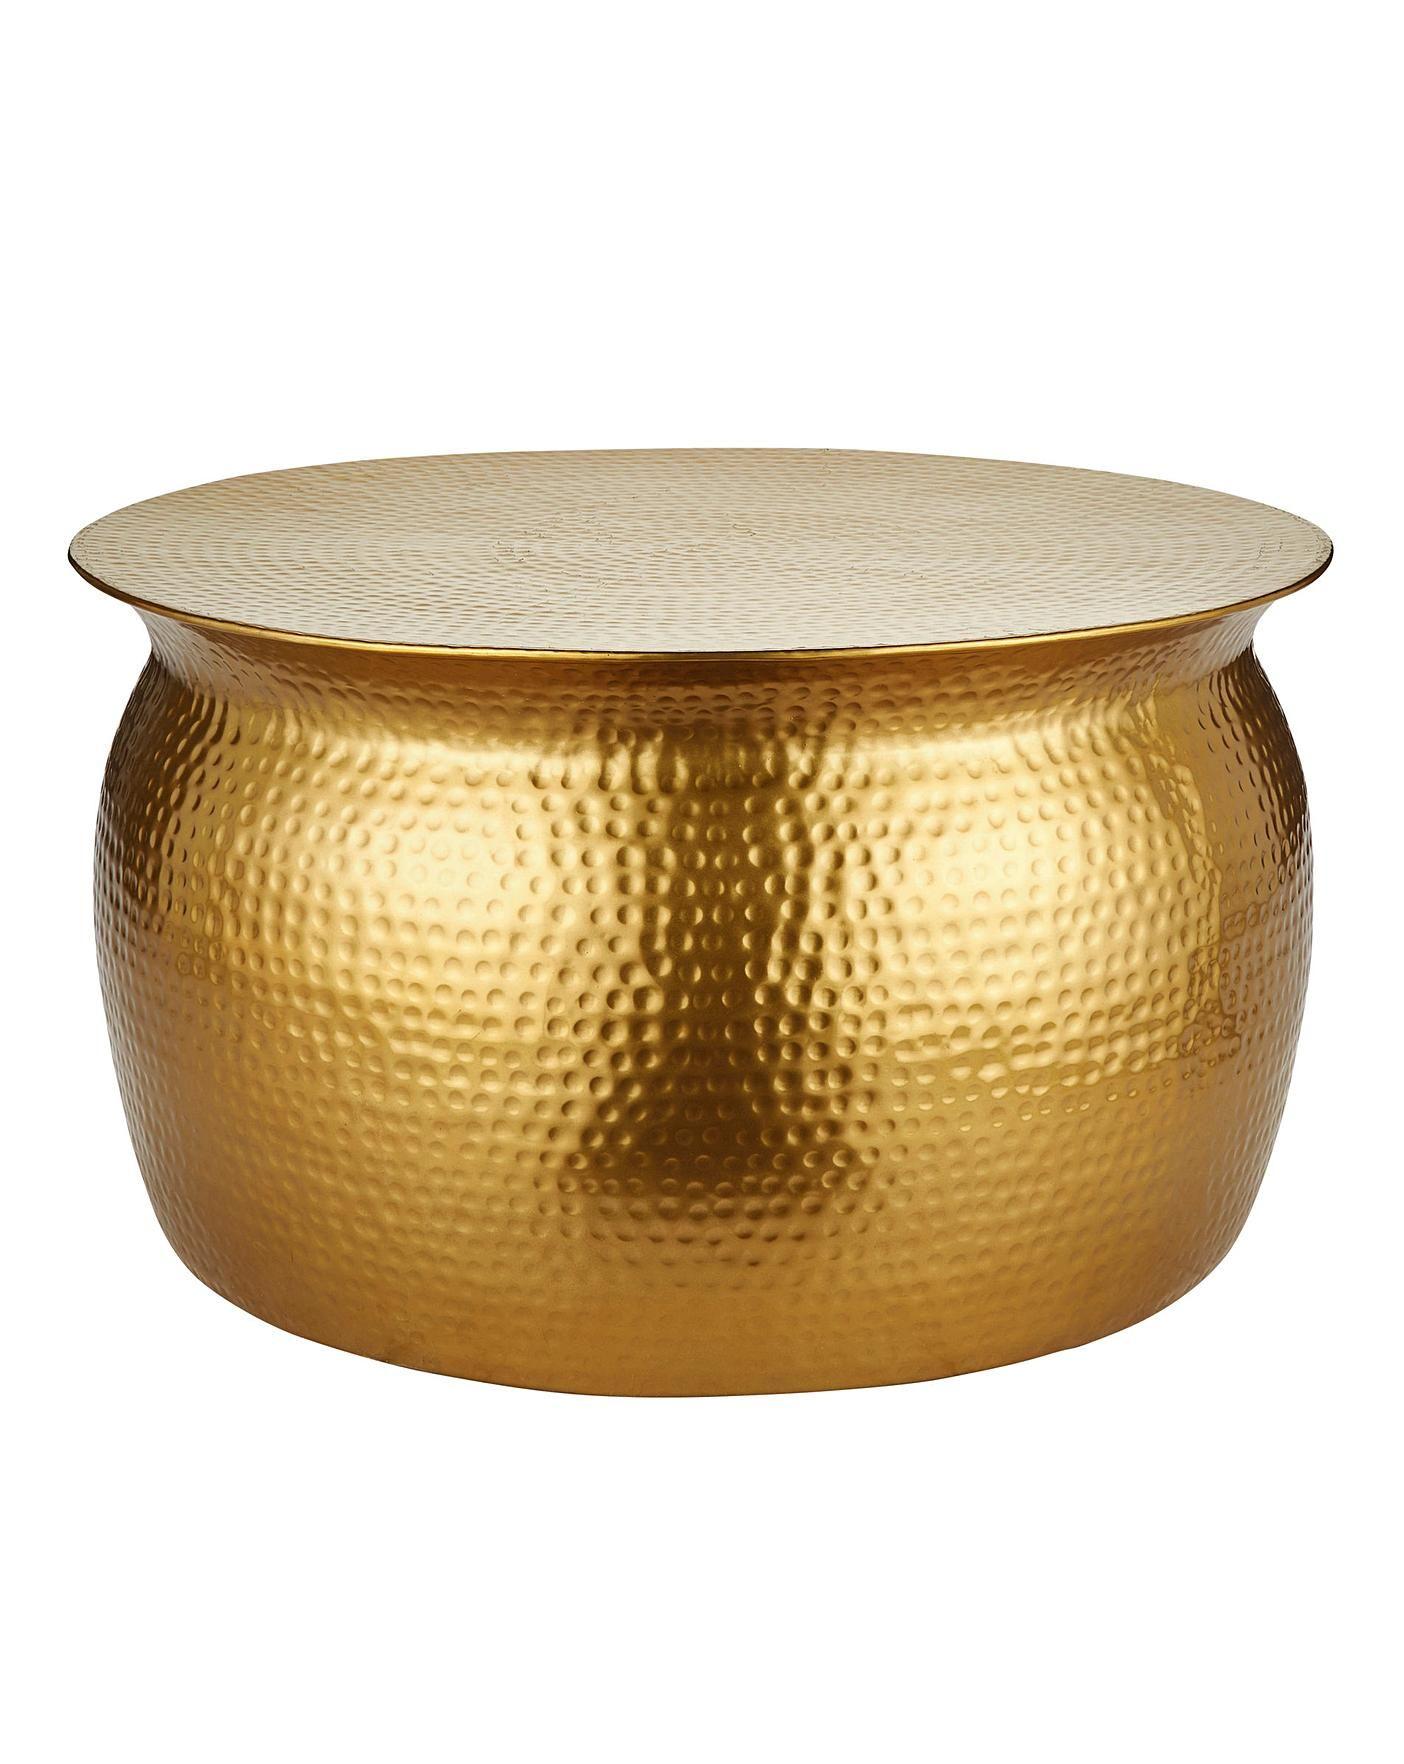 Artisan Hammered Metal Coffee Table In 2020 Metal Coffee Table Hammered Coffee Table Gold Coffee Table